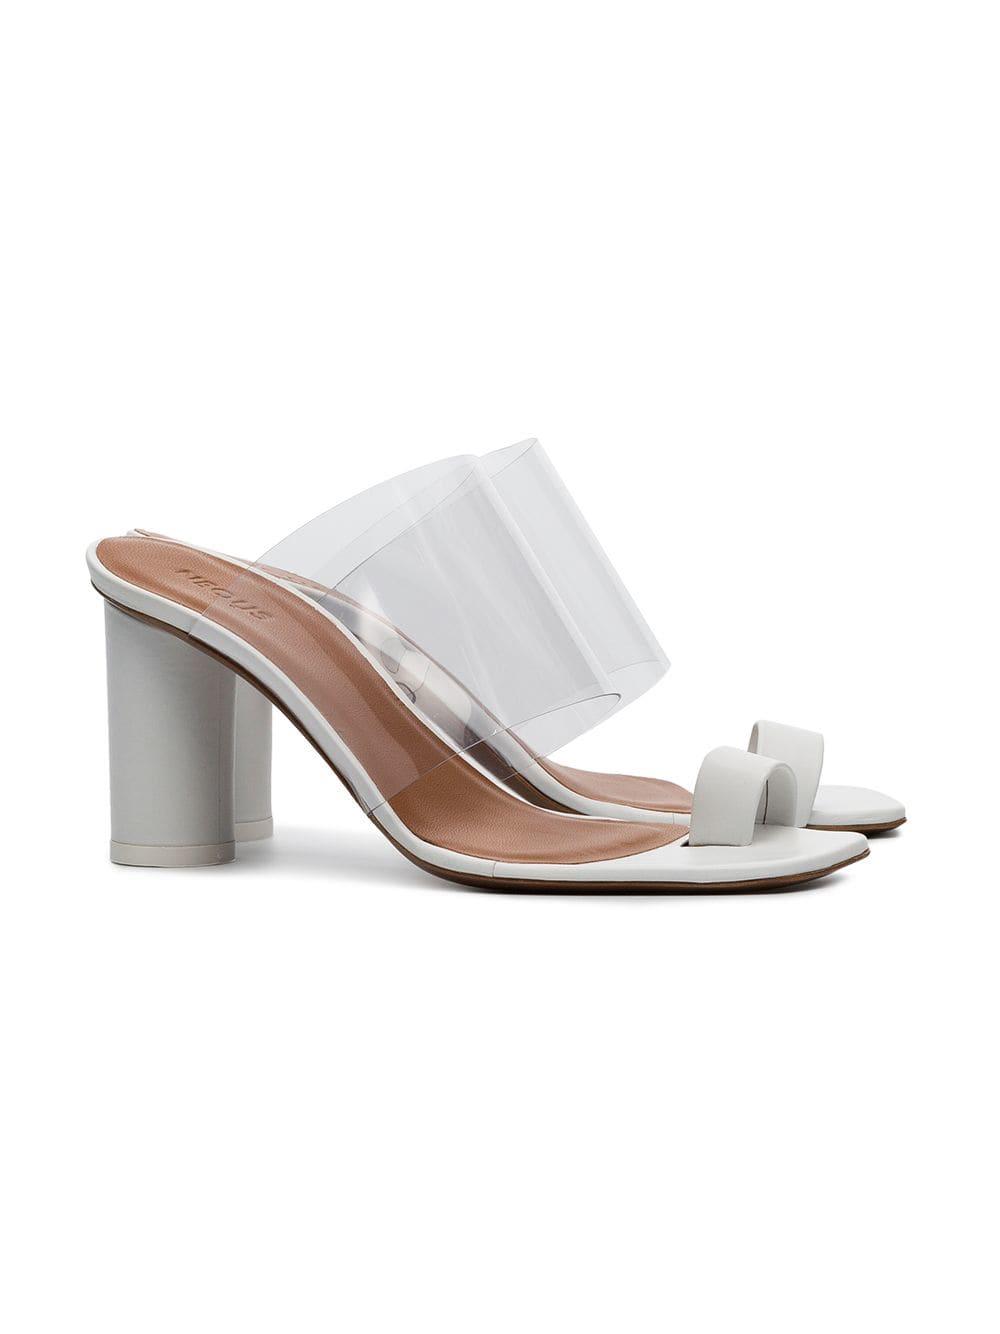 هذه هي الأحذية التي كنا ننتظرها بفارغ الصبر